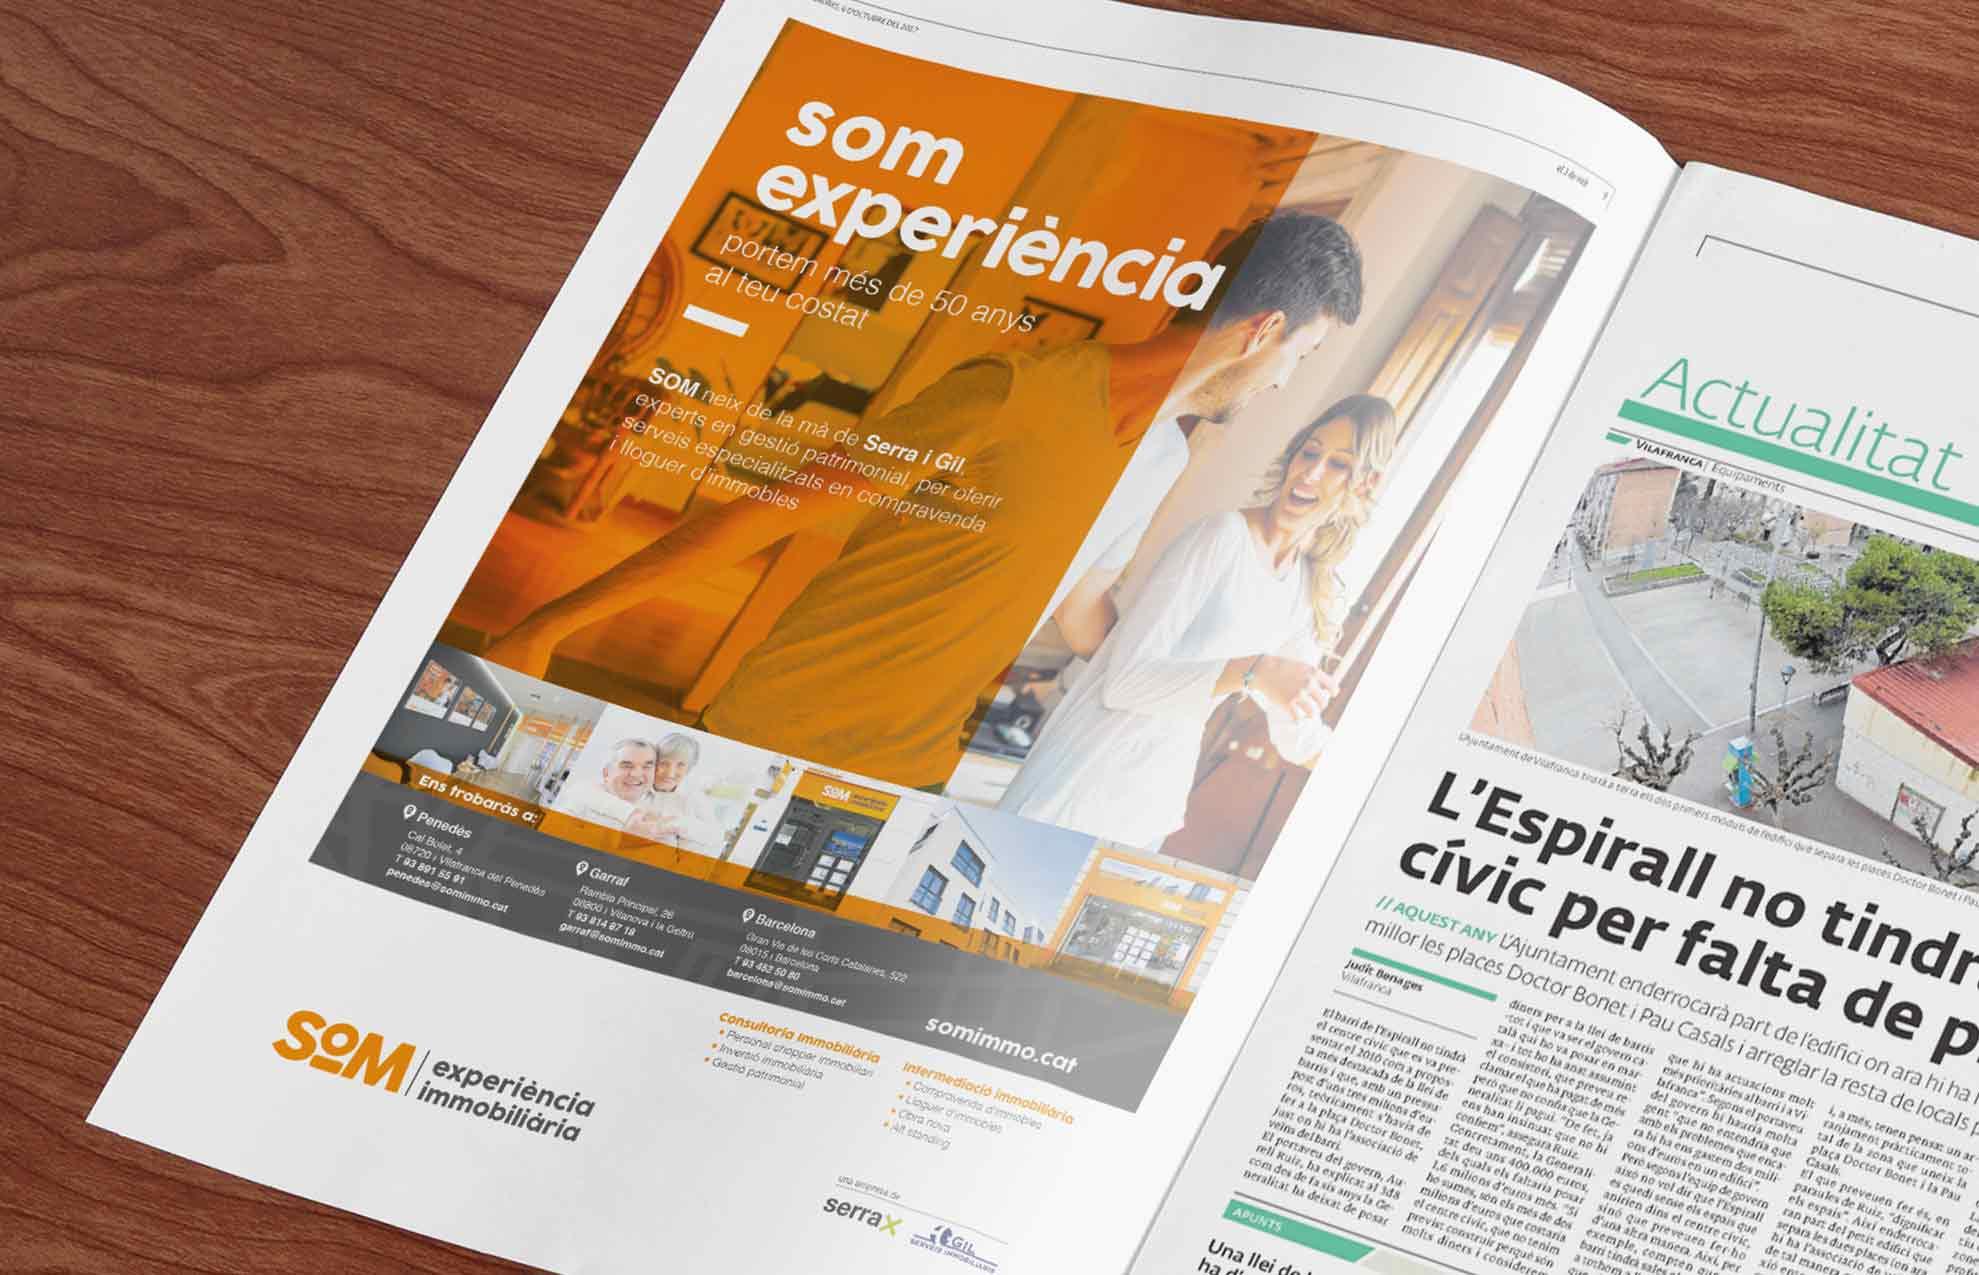 cartell anunci premsa estudi de disseny immobiliaria - Proyecto de comunicación, diseño y branding 360º